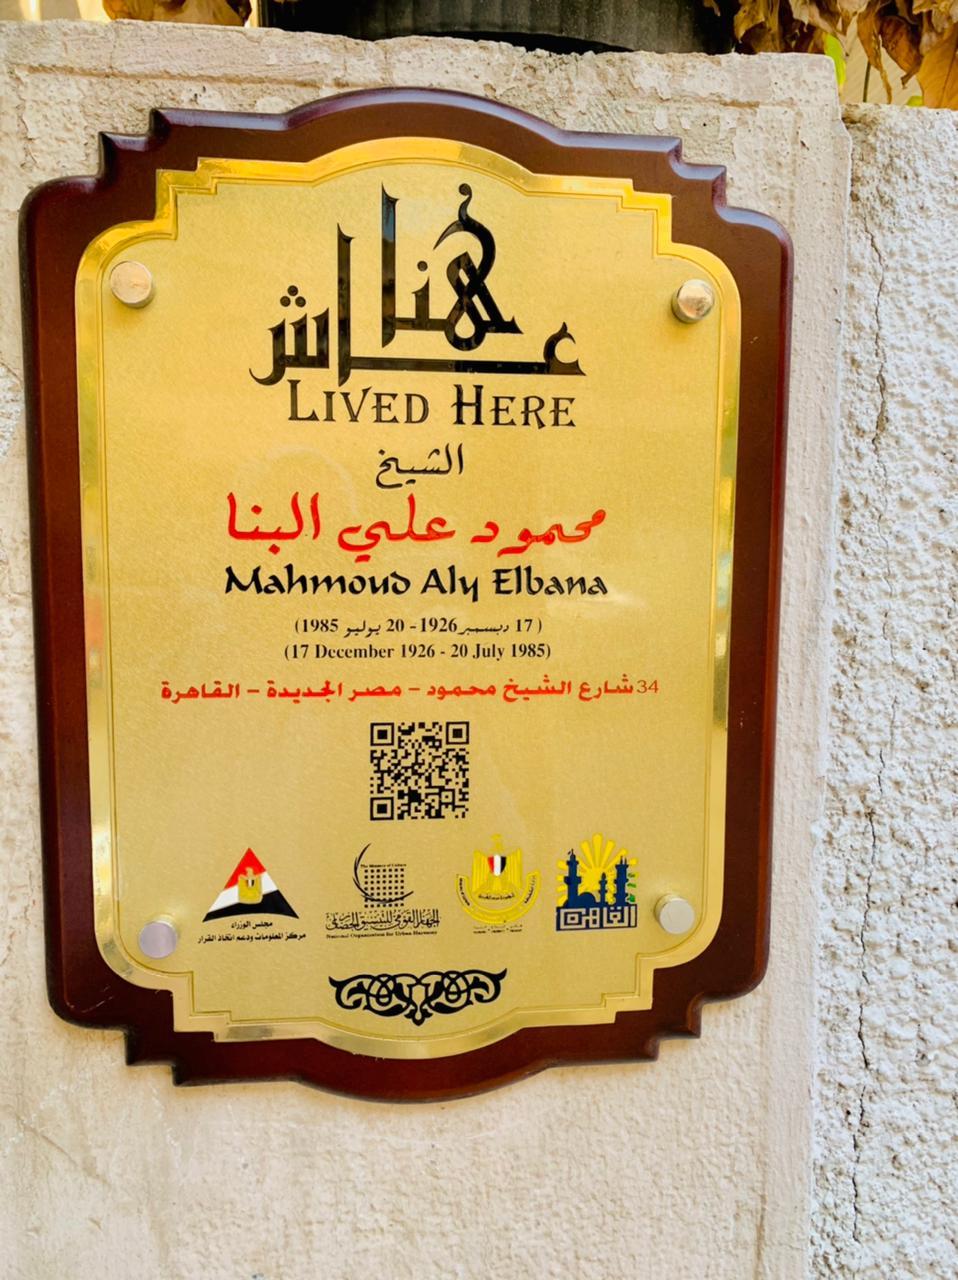 هنا عاش الشيخ محمود على البنا